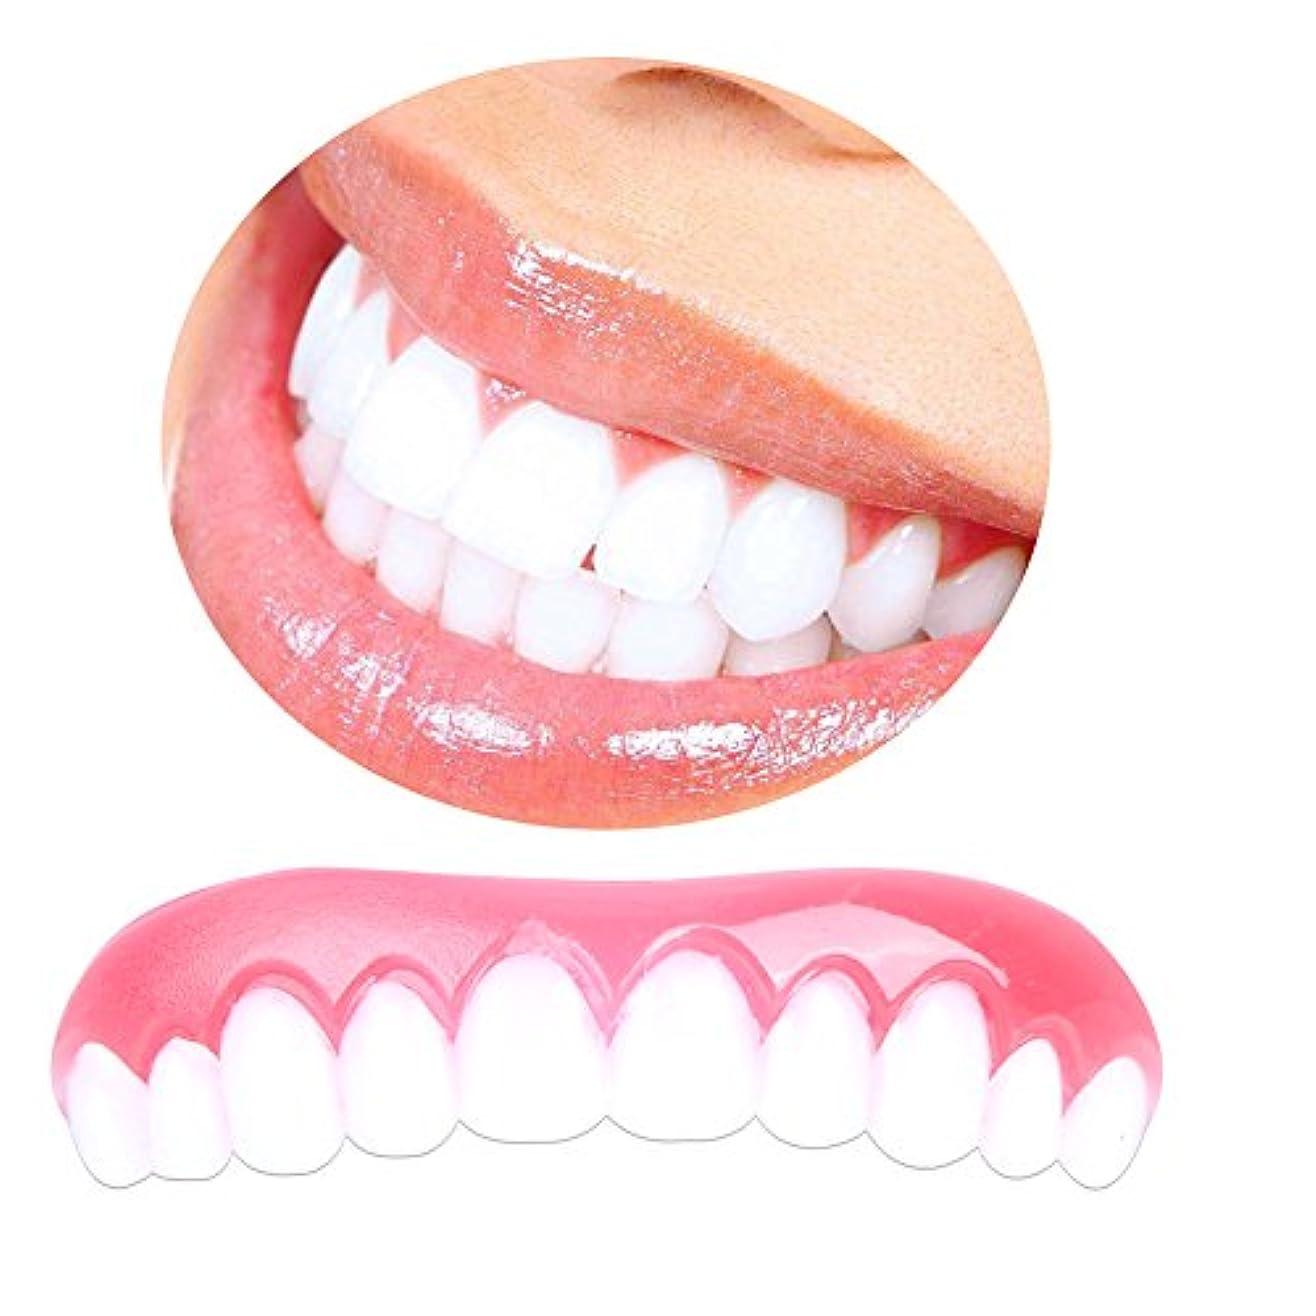 ベリー誰が理解するコンフォートフィットフレックス化粧品歯パーフェクトスマイルベニアダブの歯の矯正用ダブ歯用ホワイトパーフェクトスマイルベニア歯のホワイトニング-2個